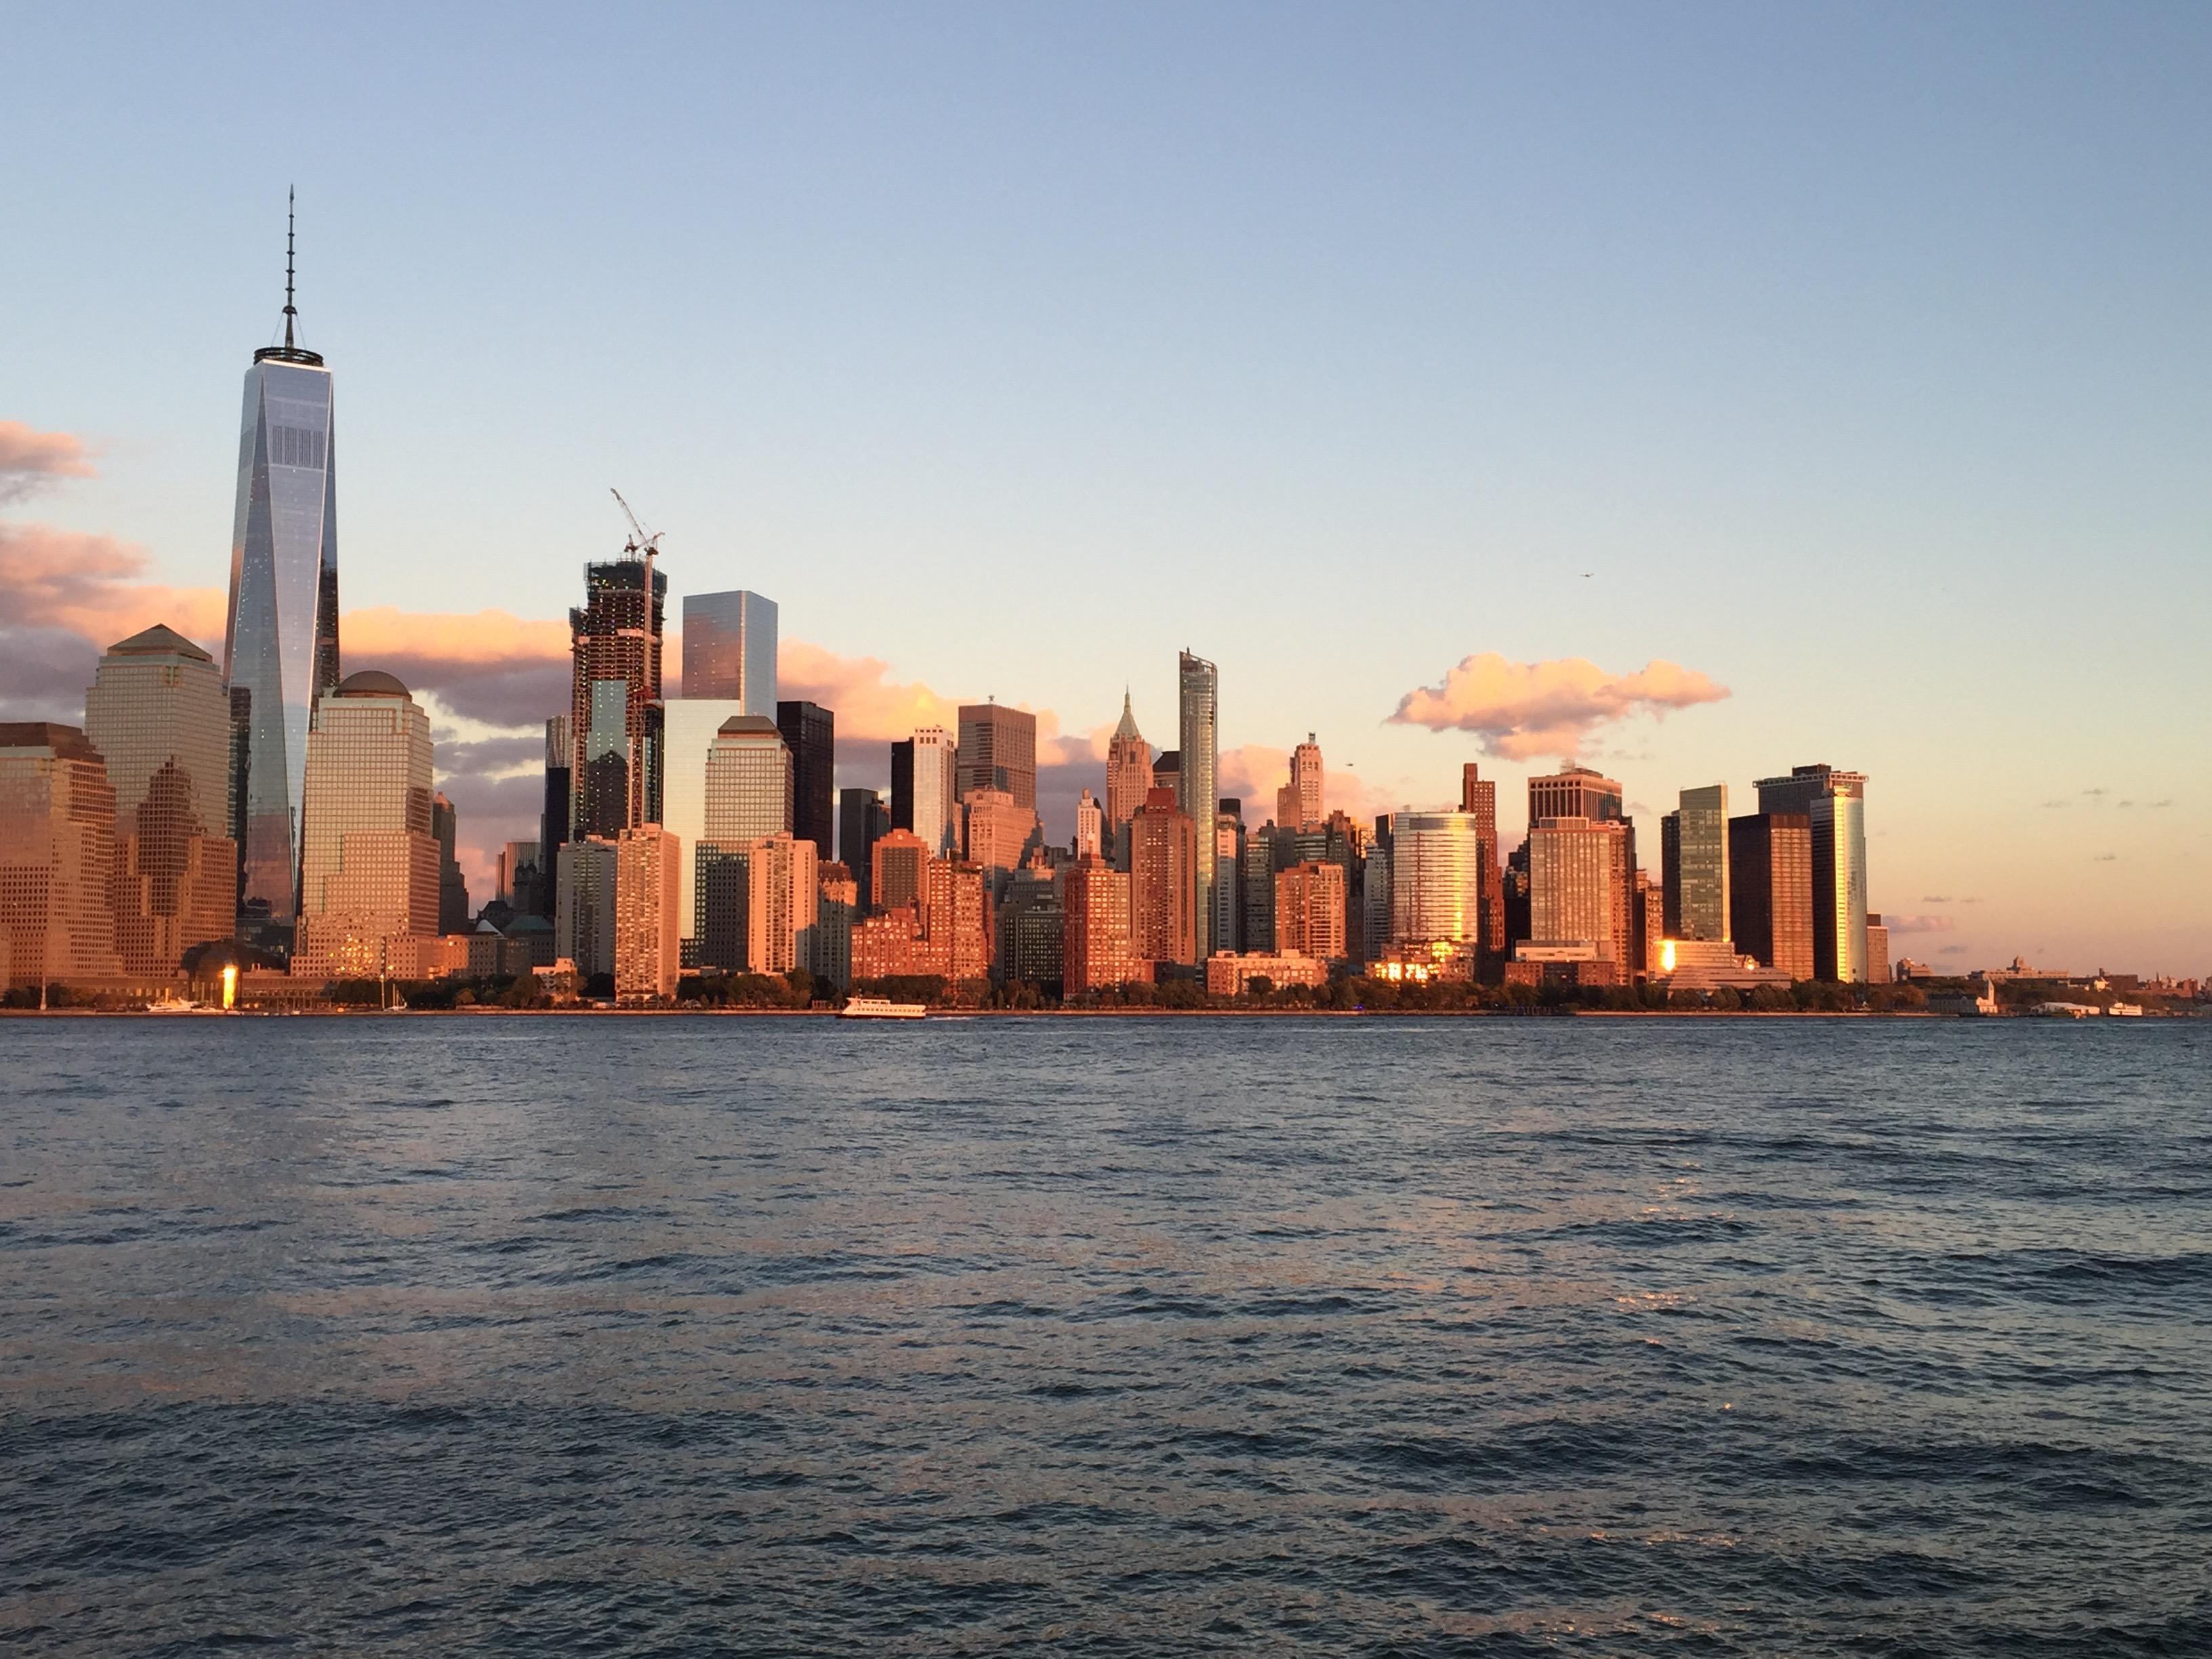 Les nouveaux totems du skyline new-yorkais (2)